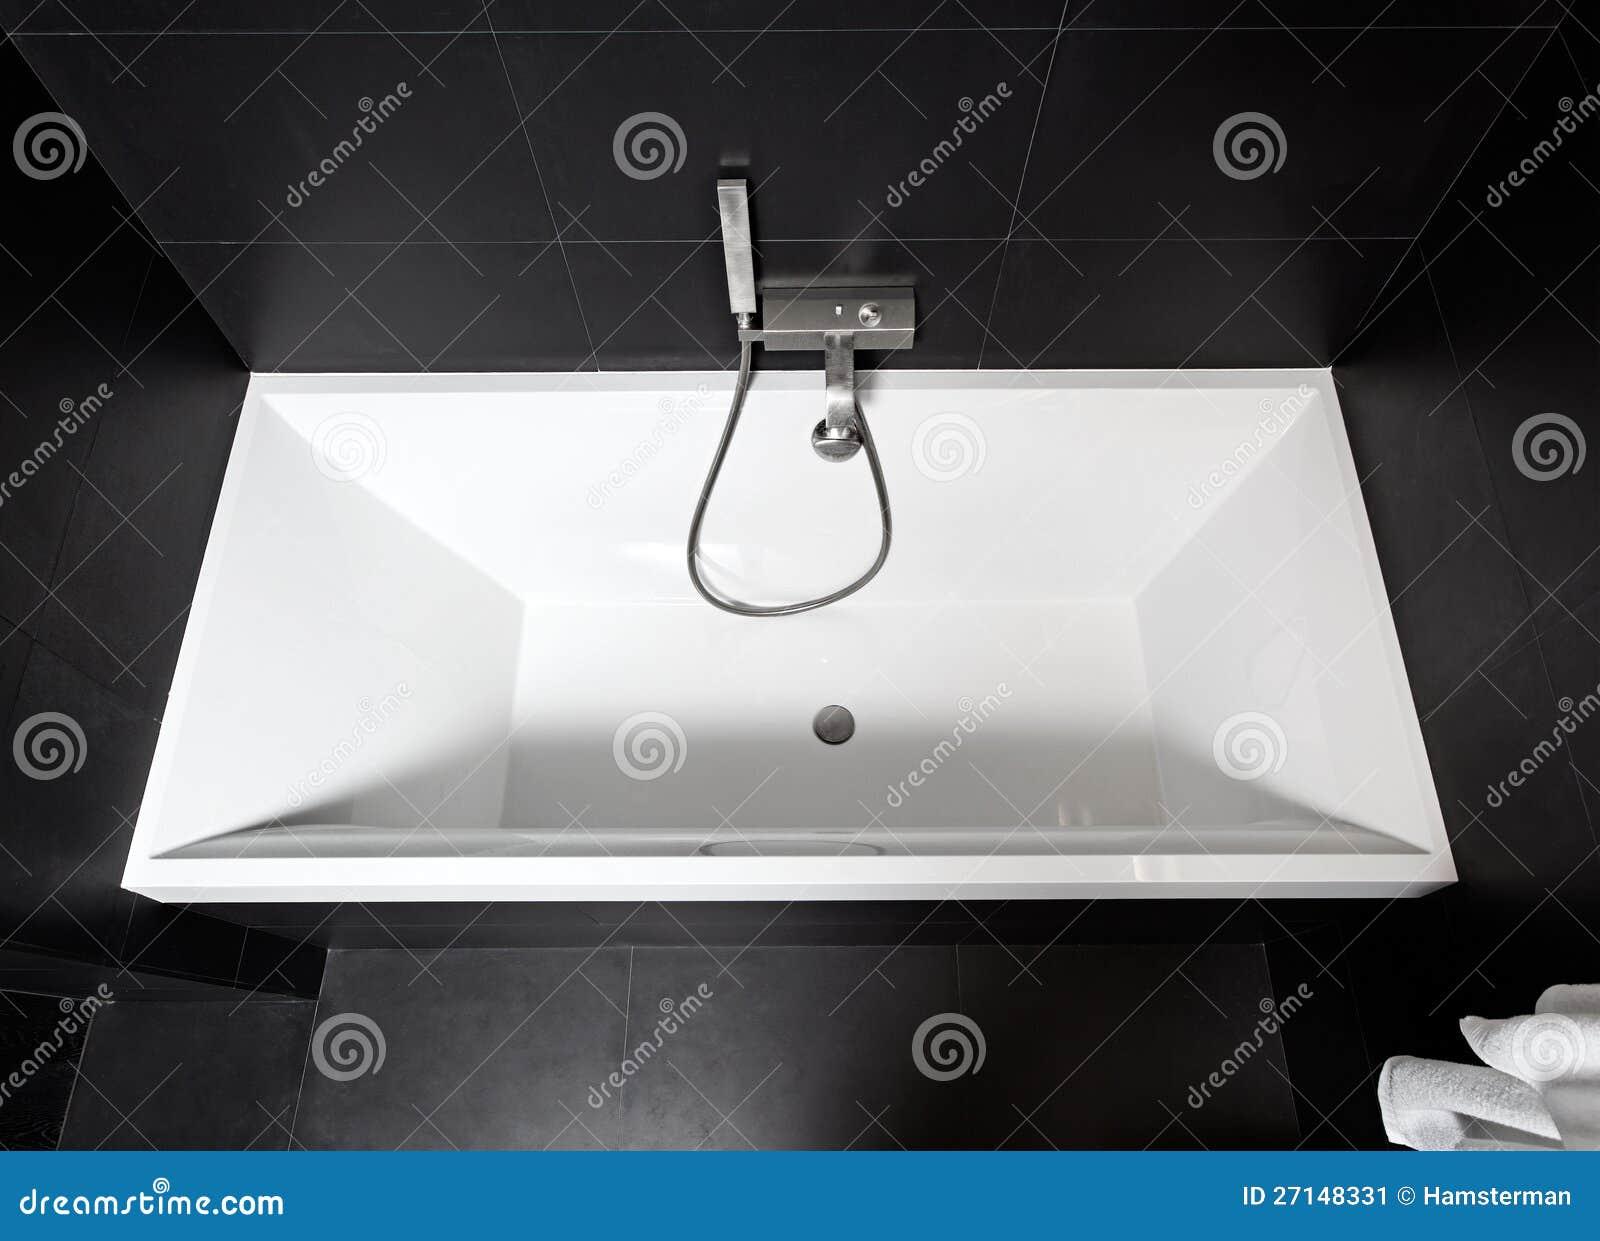 Banheira Do Quadrado Branco Imagem de Stock  Imagem 27148331 -> Banheiro Quadrado Banheira